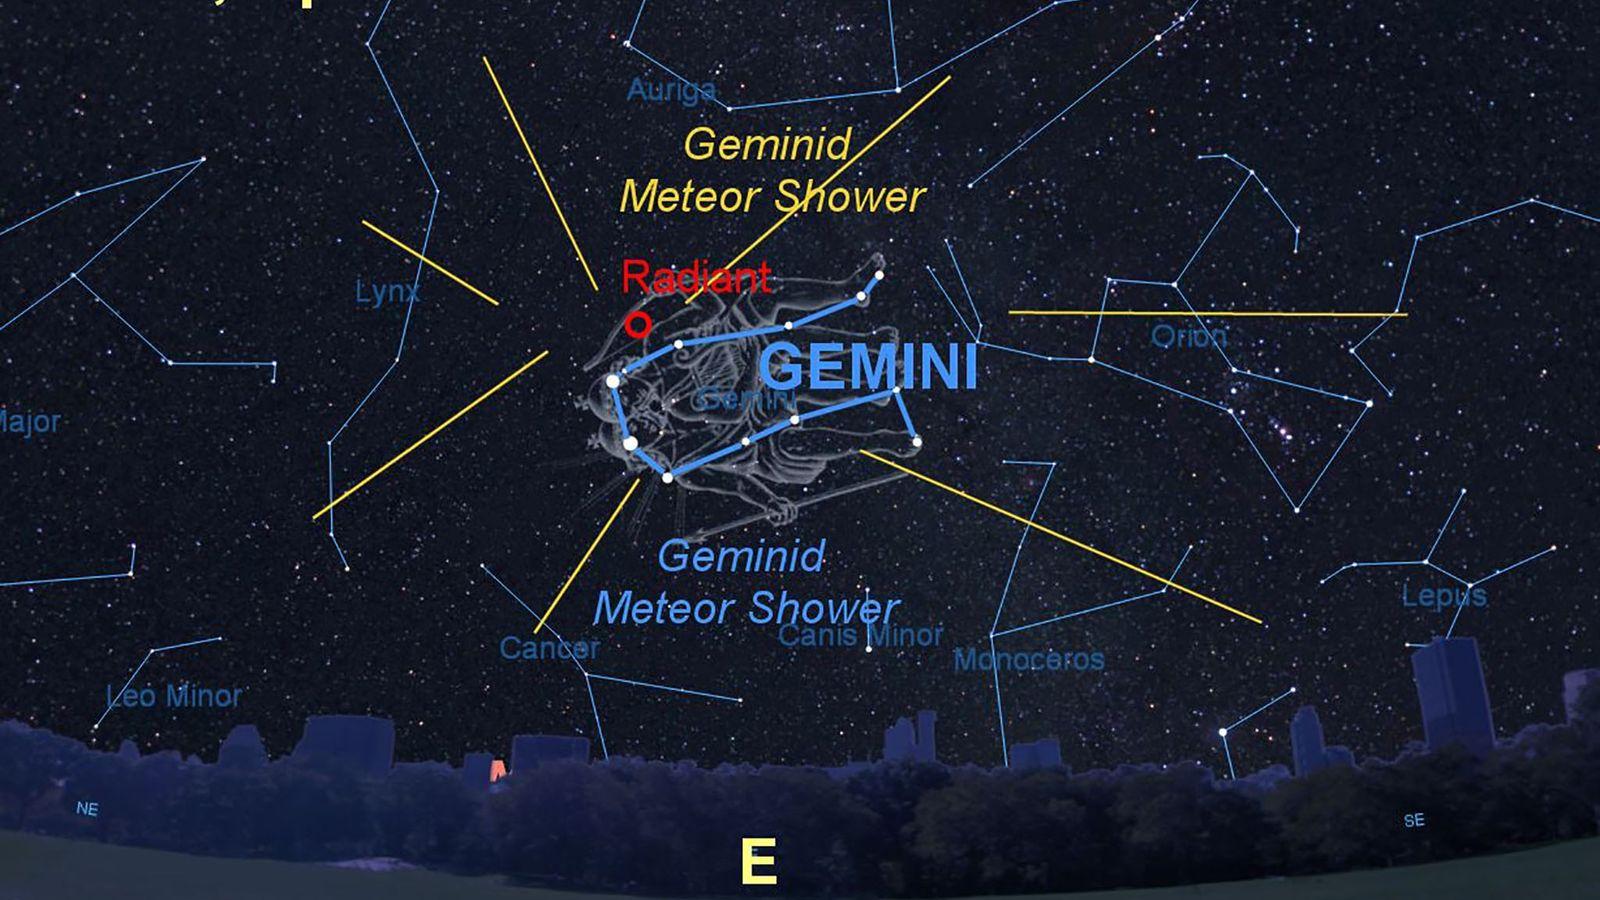 Der Radiant der Geminiden liegt im Sternbild Zwillinge (lat. Gemini).